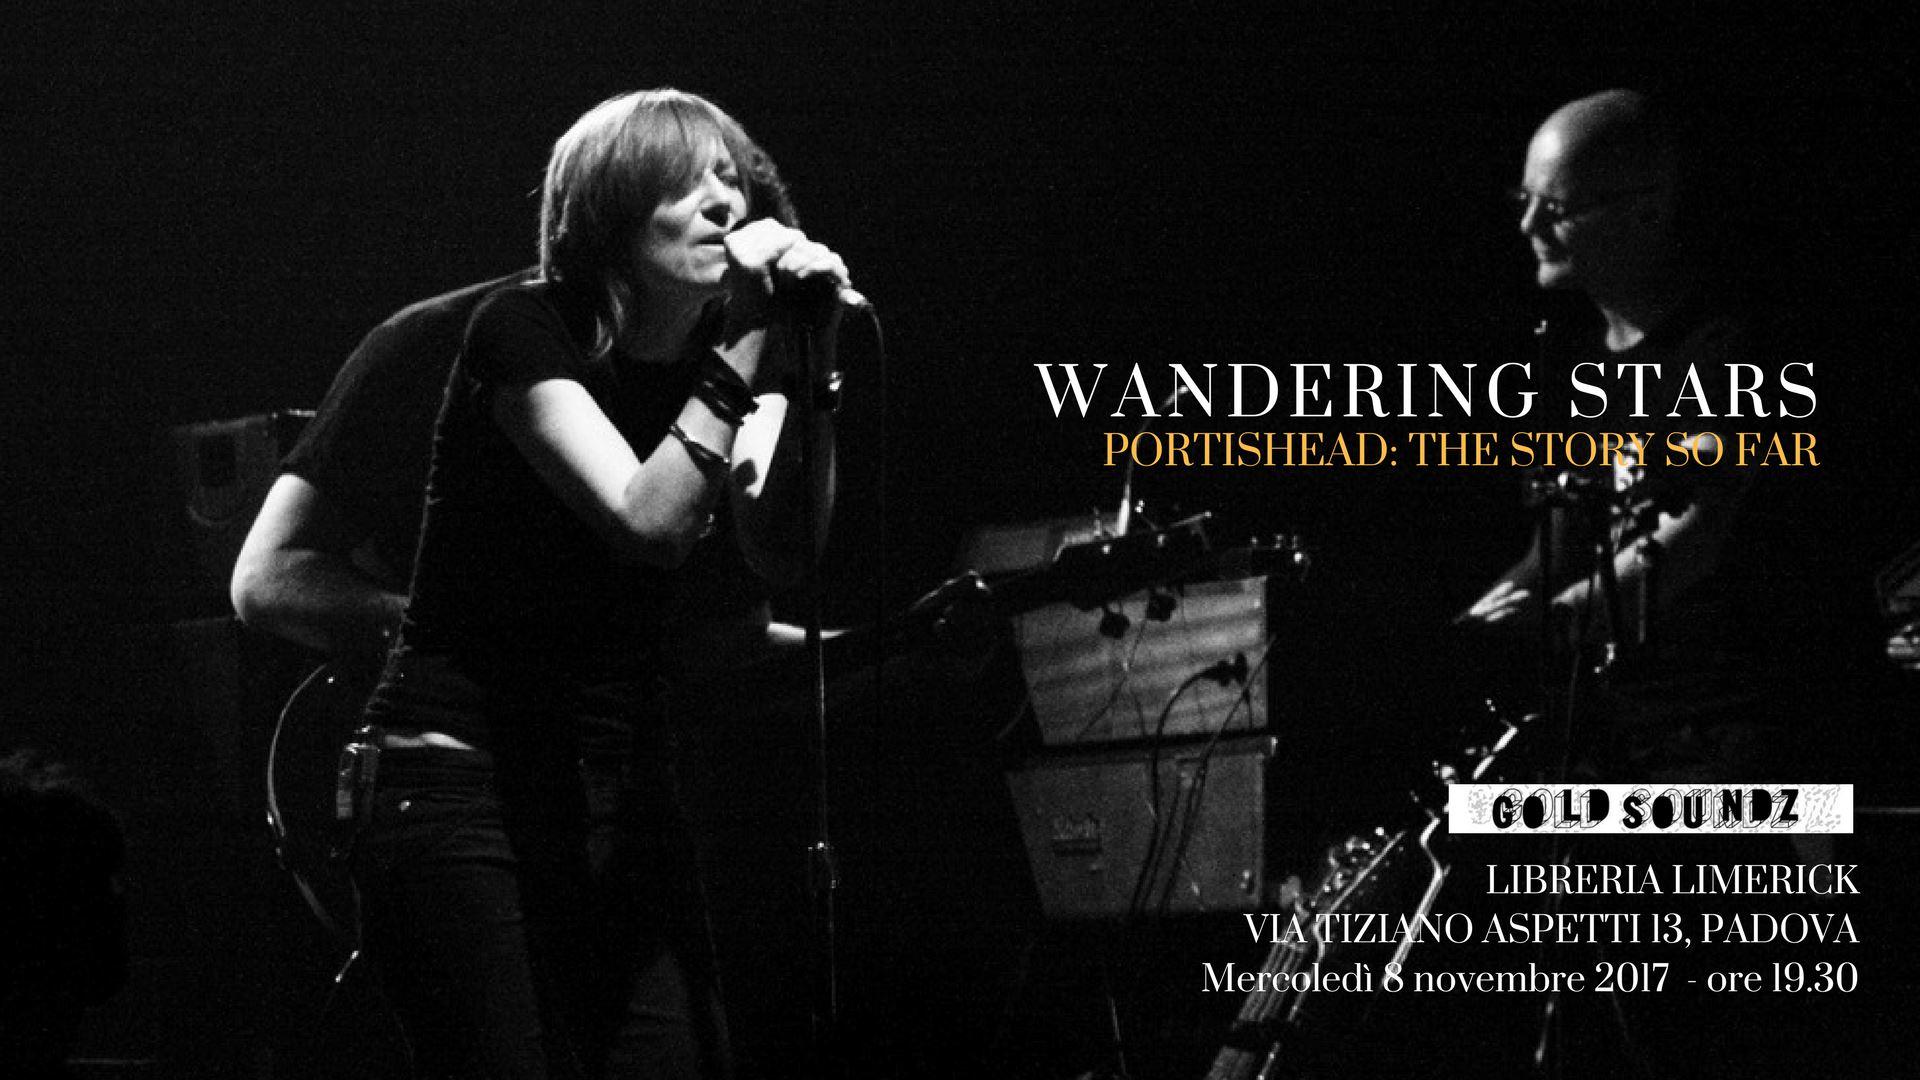 Portishead Wandering Stars